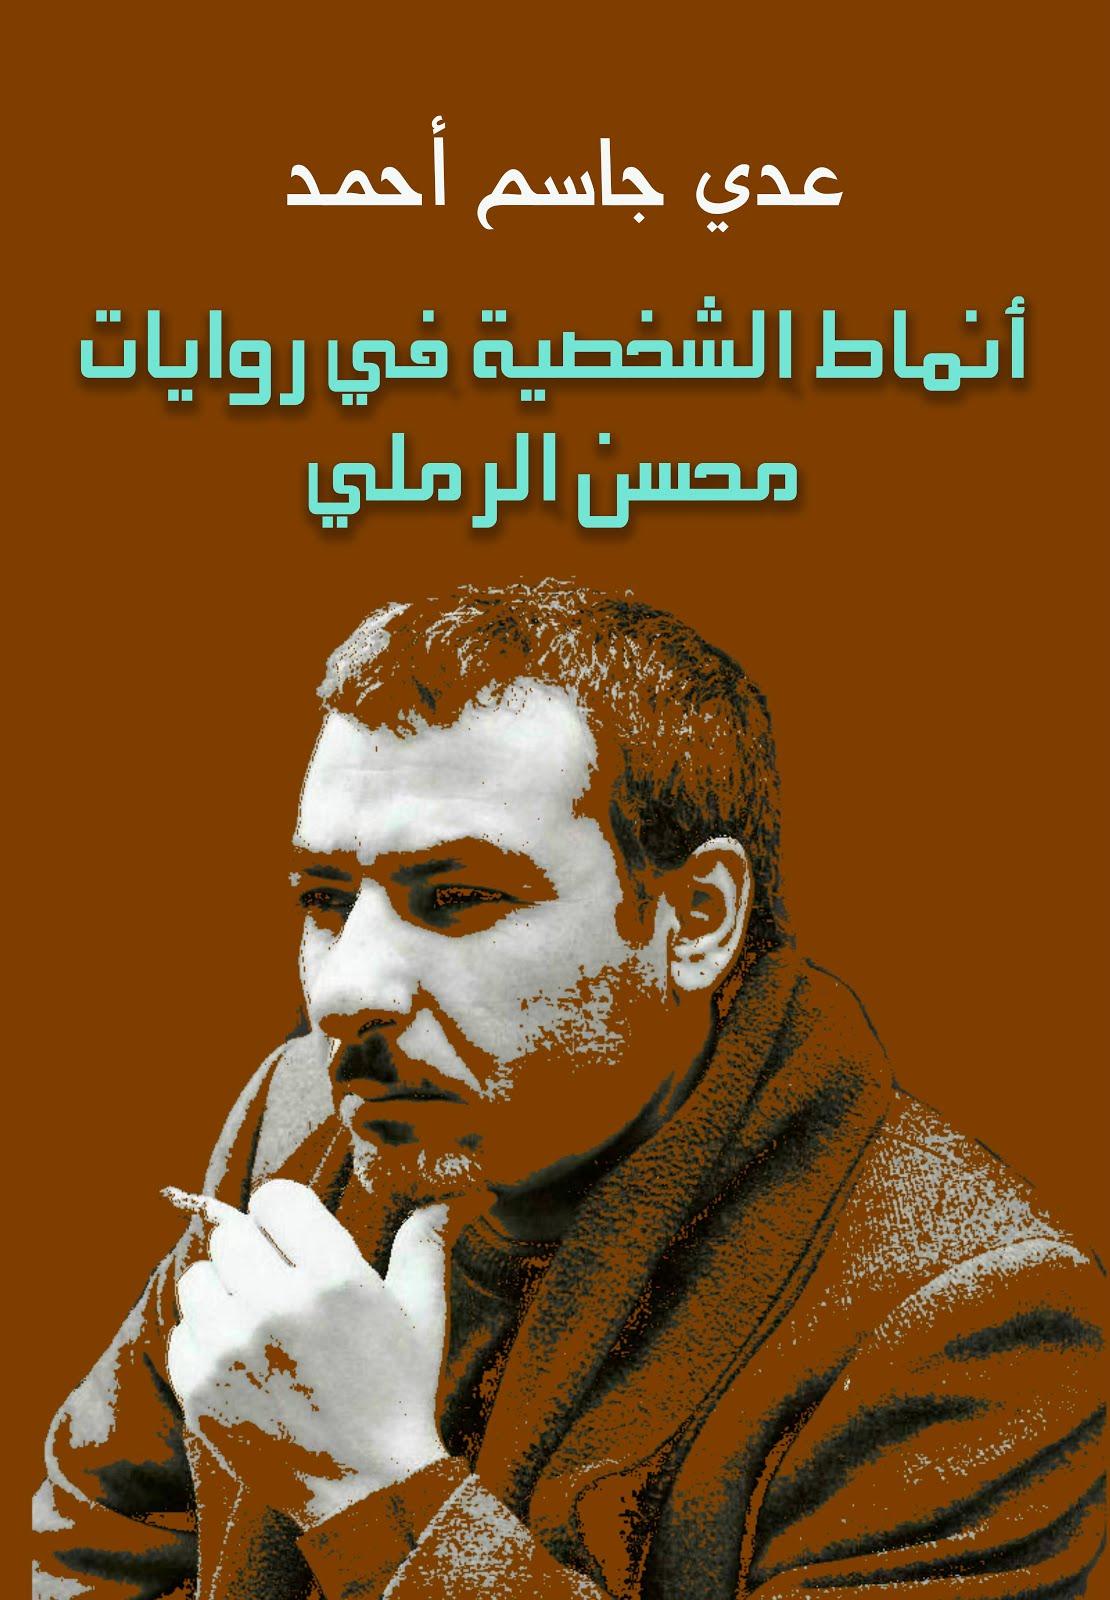 أنماط الشّخصيّة في روايات محسن الرملي